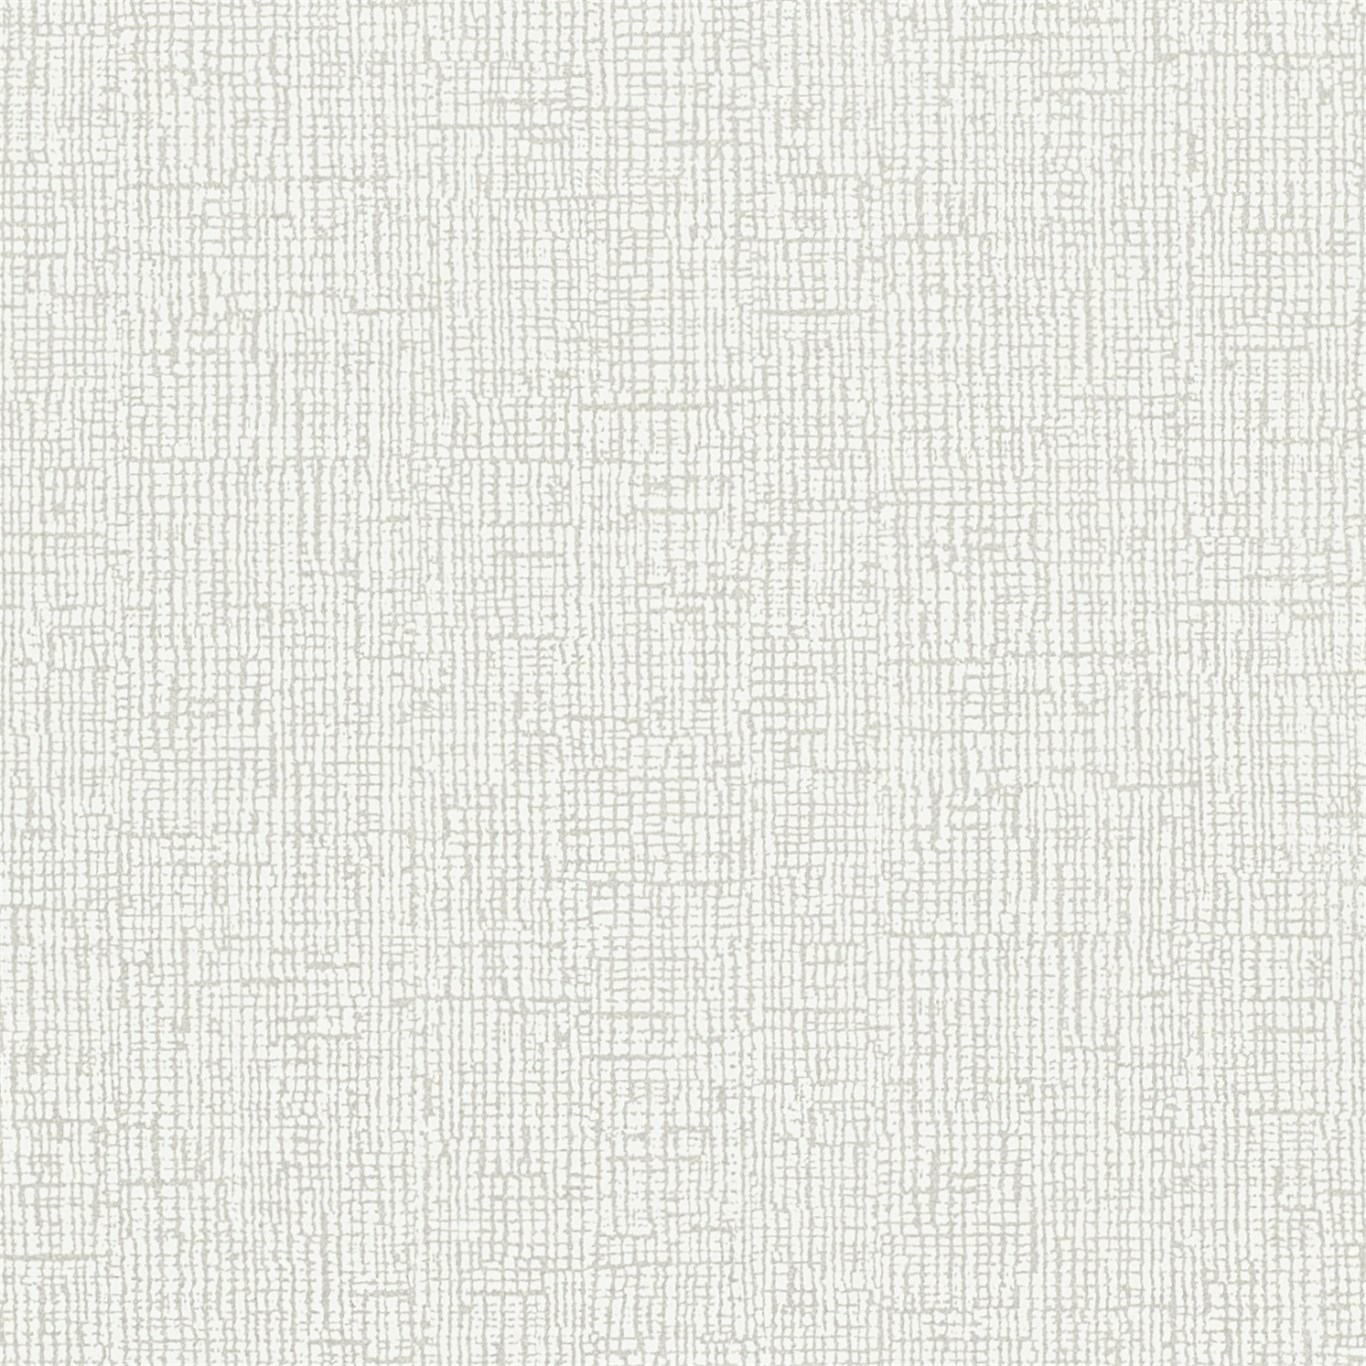 Английские обои Harlequin,  коллекция Momentum III, артикул110924